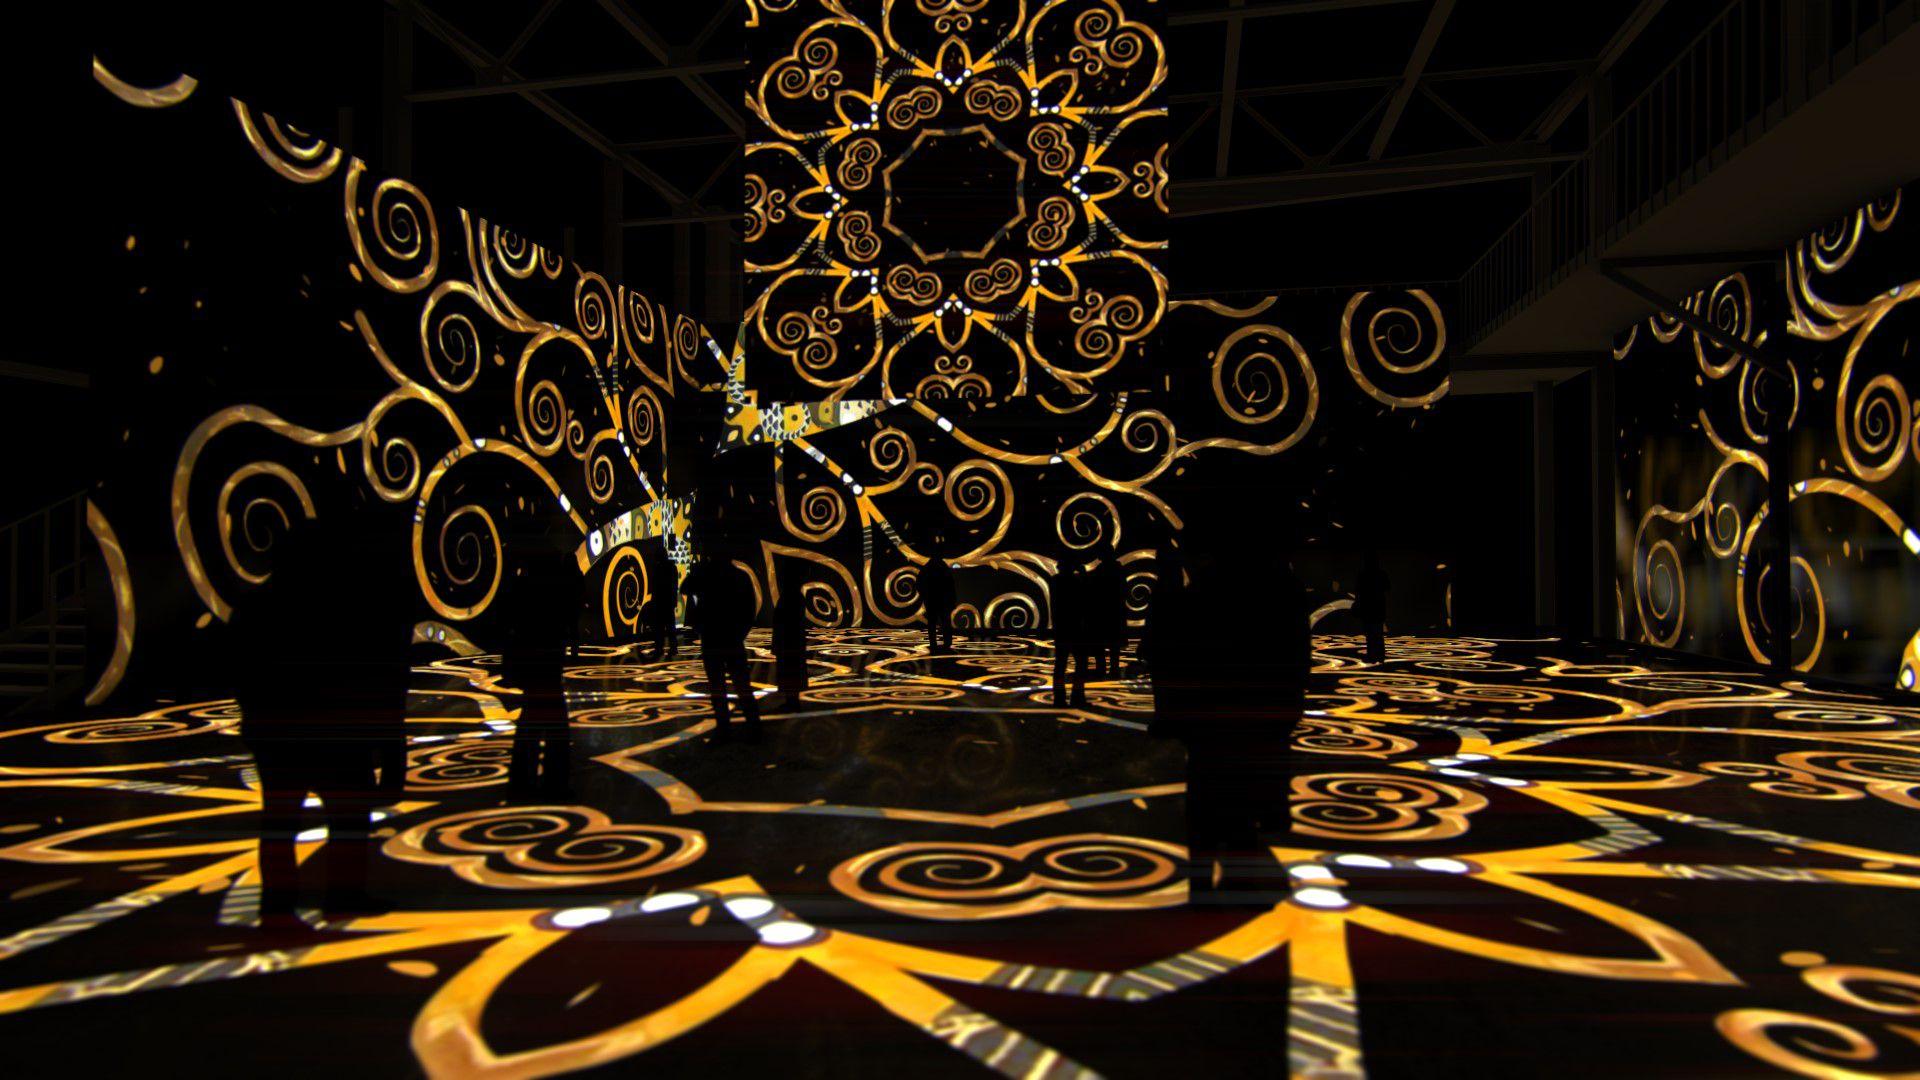 Мультимедийная выставка «Густав Климт. Золото модерна» фото 9